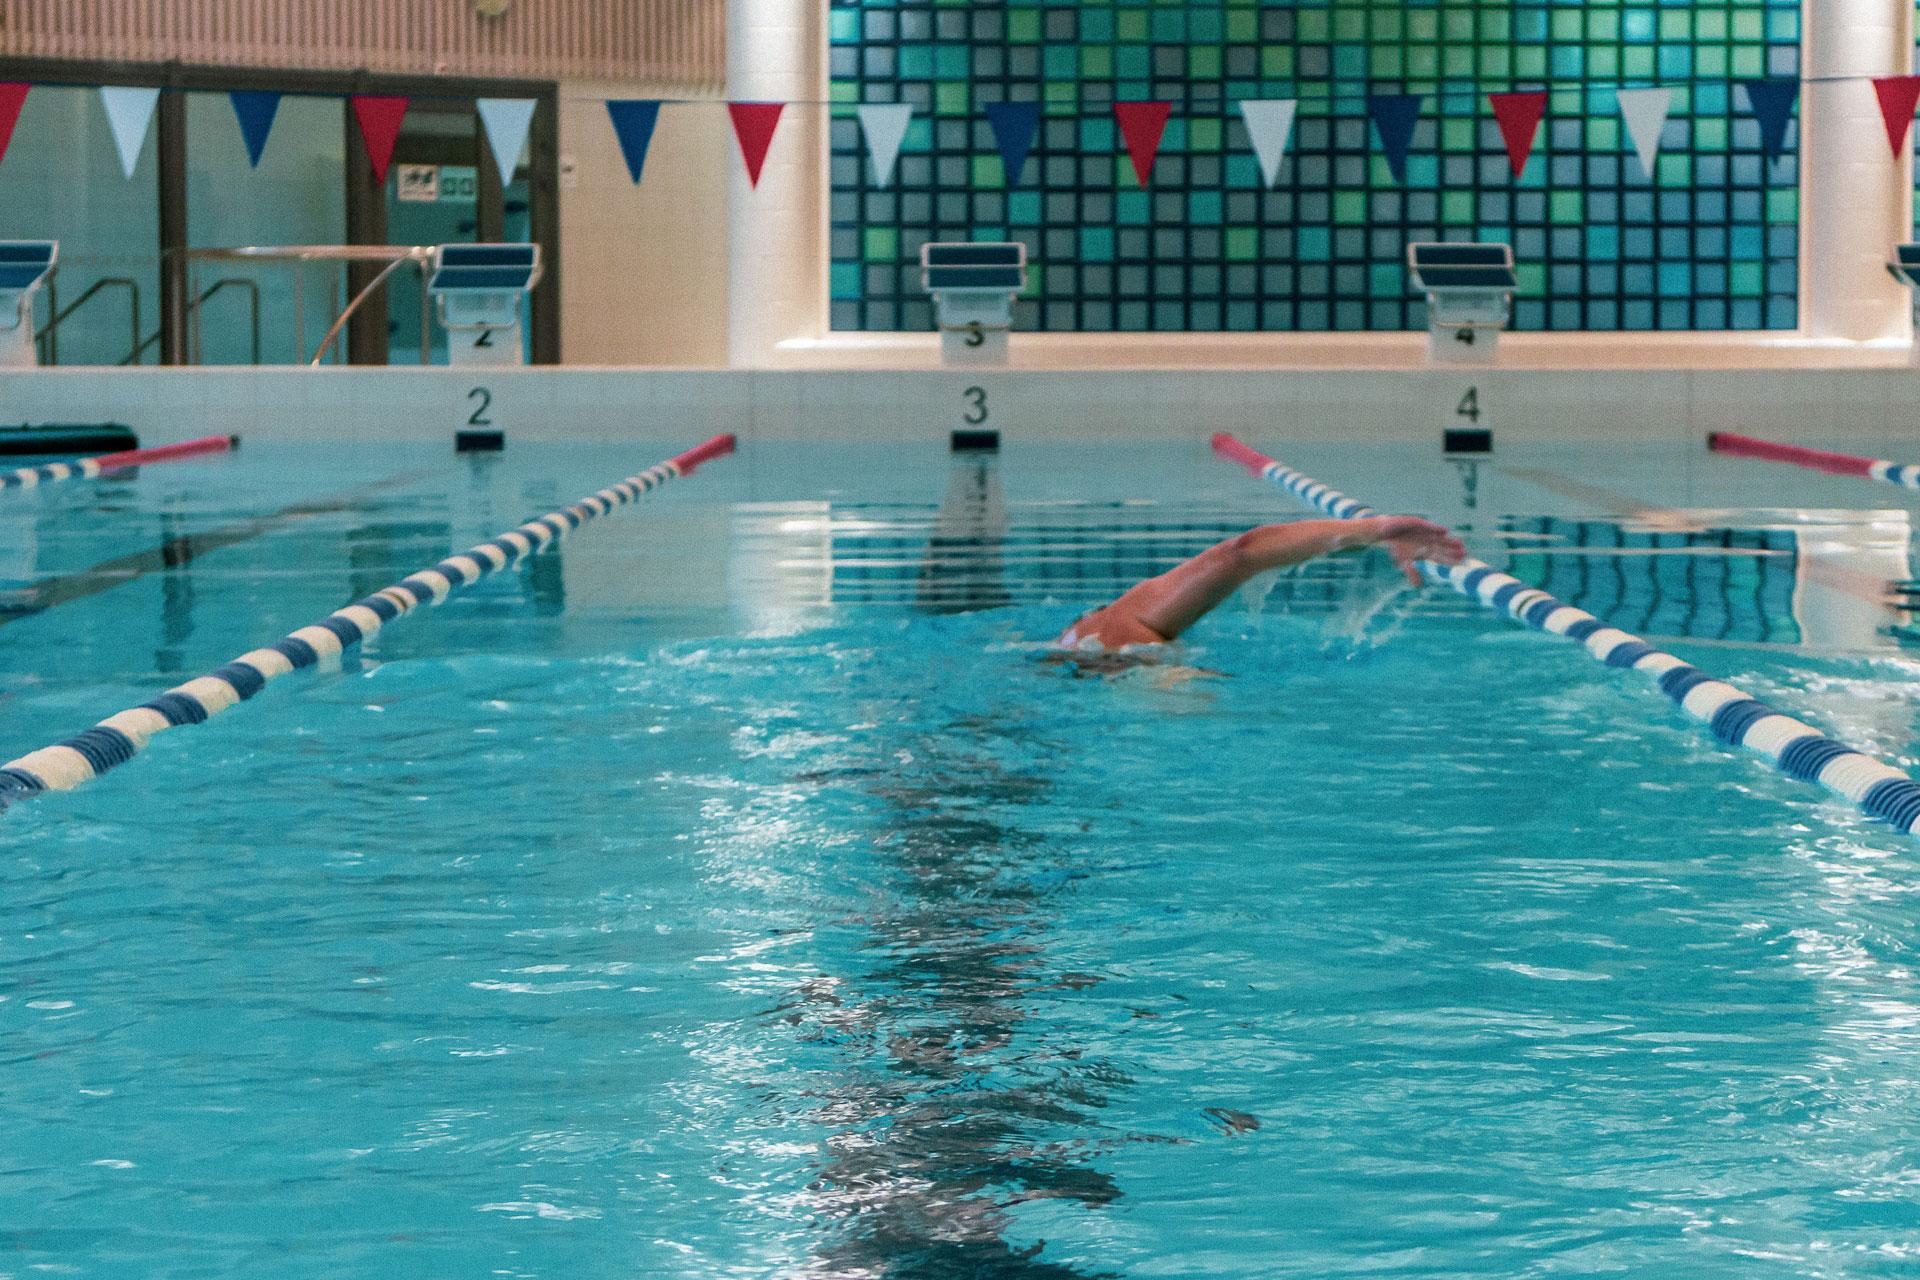 Kuohun kuntouintialtaan kuusi rataa tarjoavat loistavat puitteet uida itsensä kuntoon ja treenata eri uintilajeja tasokkaasti.